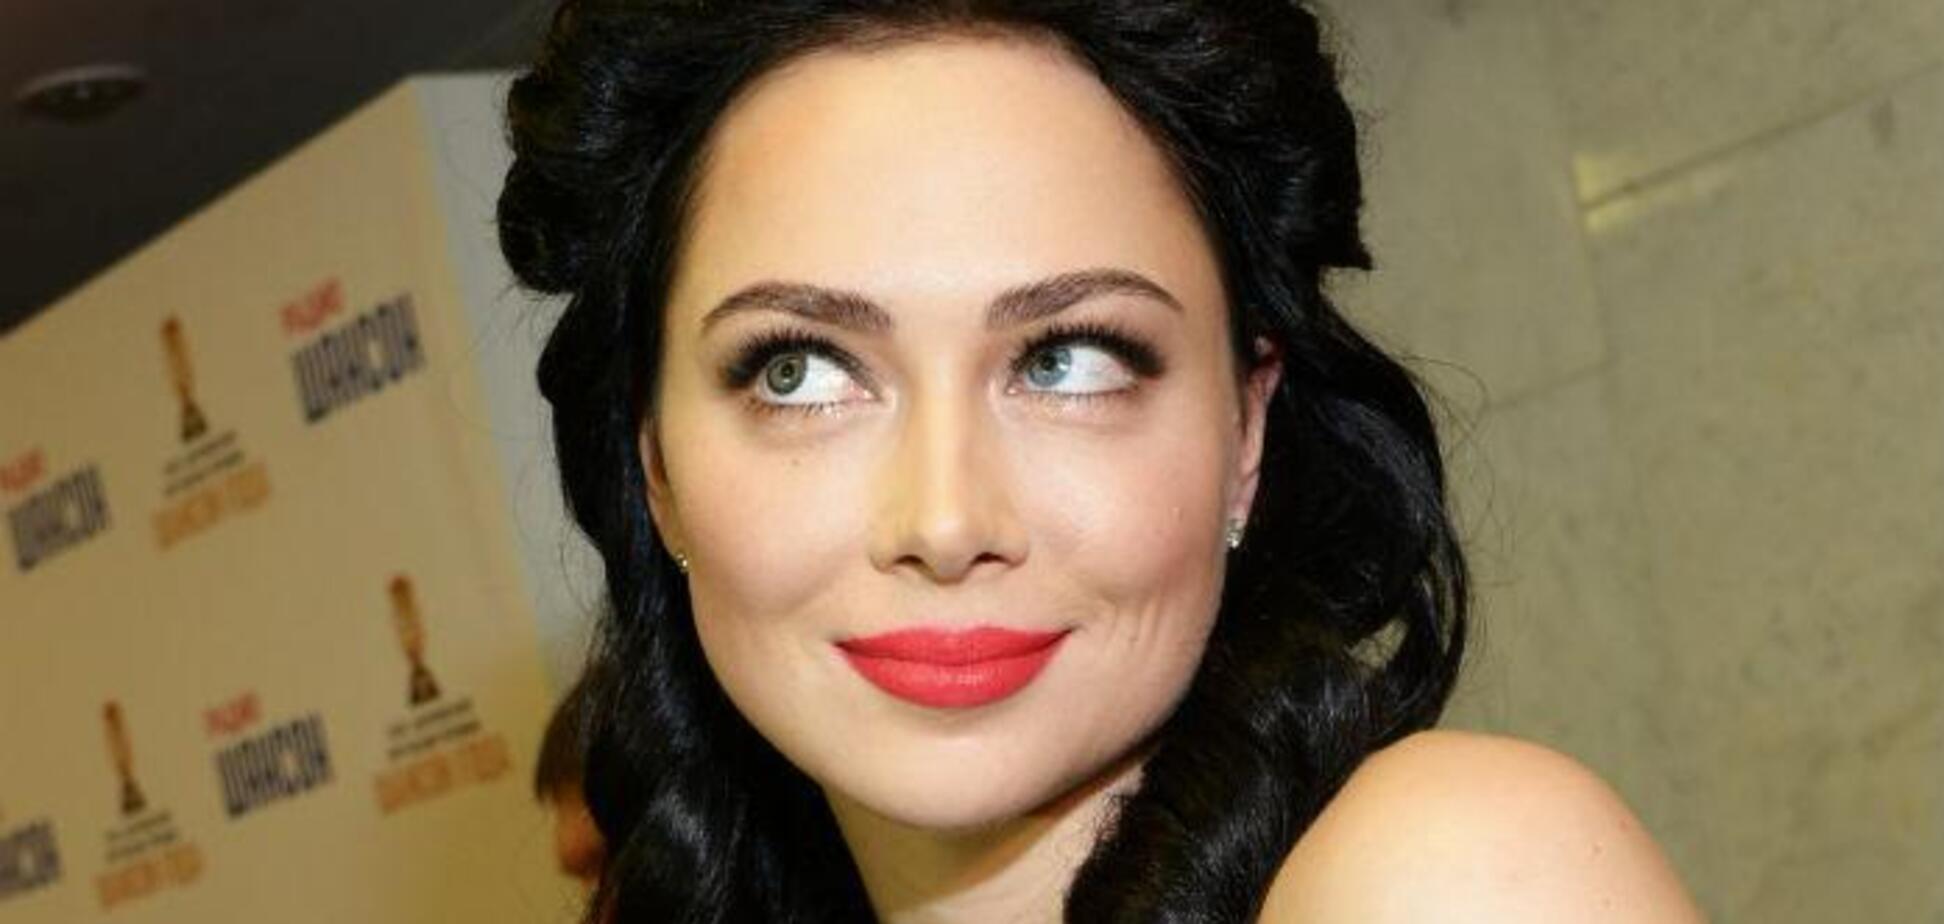 Посвітивши пишними грудьми, Самбурська вразила всіх своїми очима